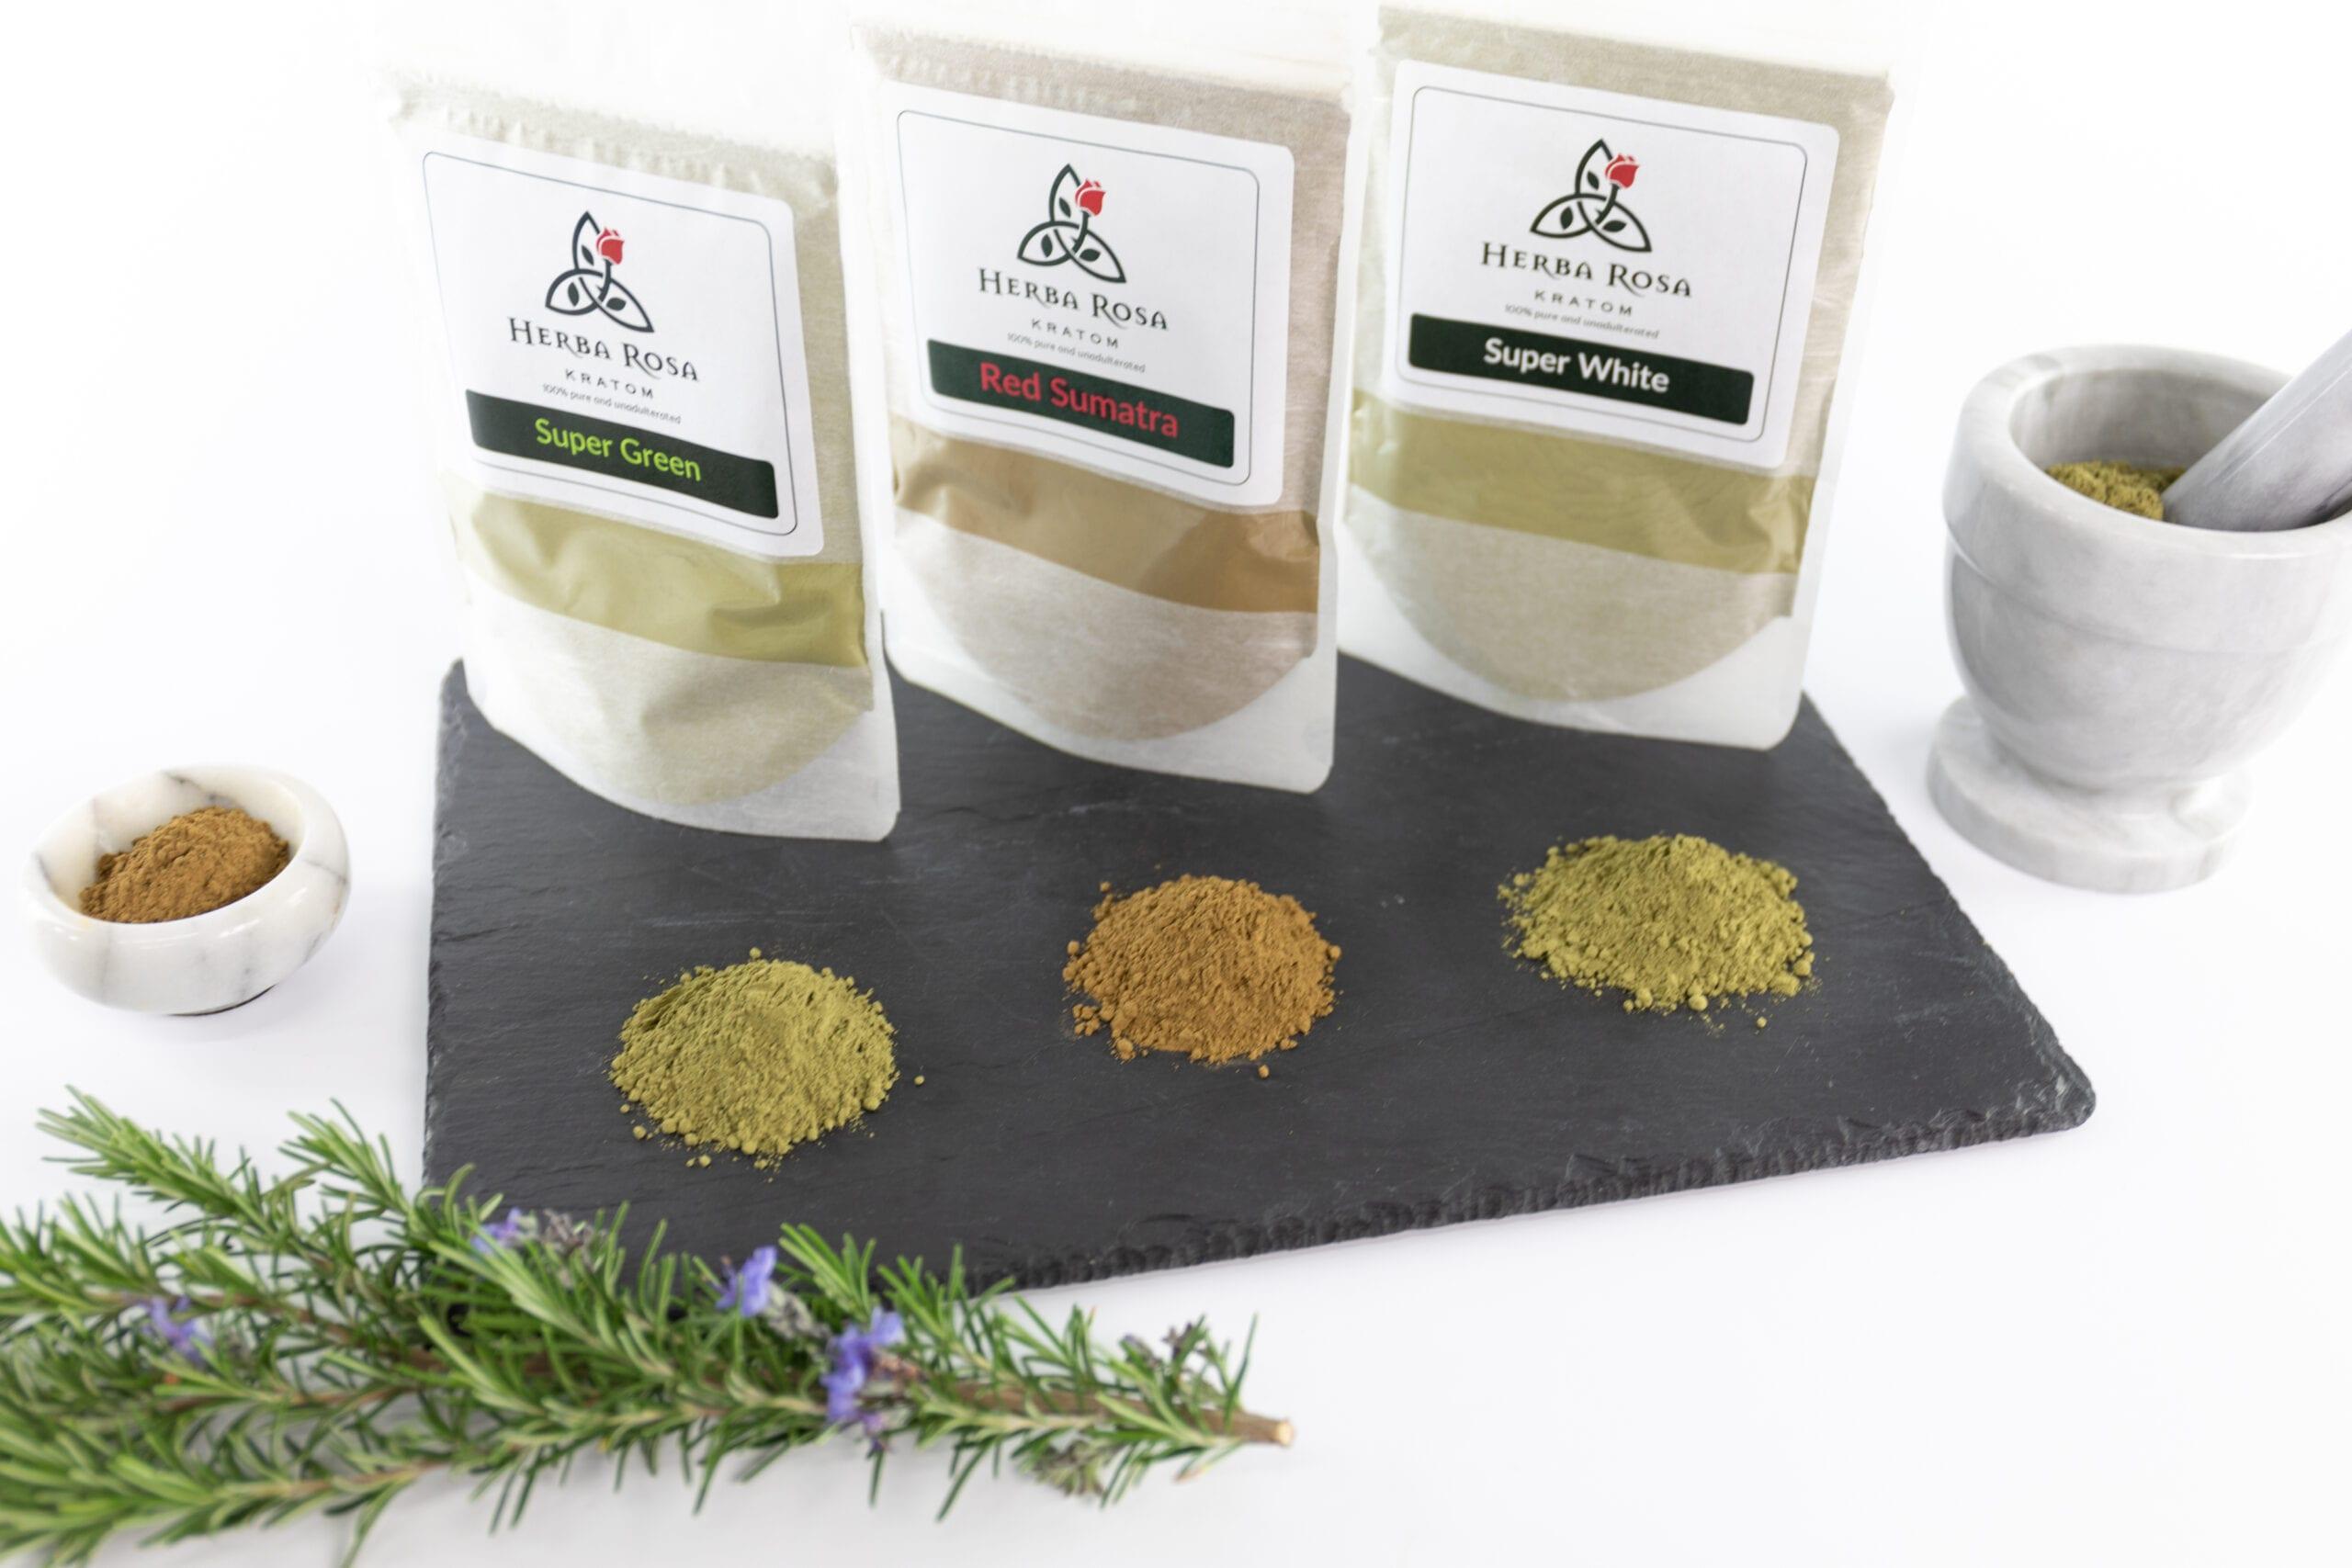 Herba Rosa Kratom bags - all three strains